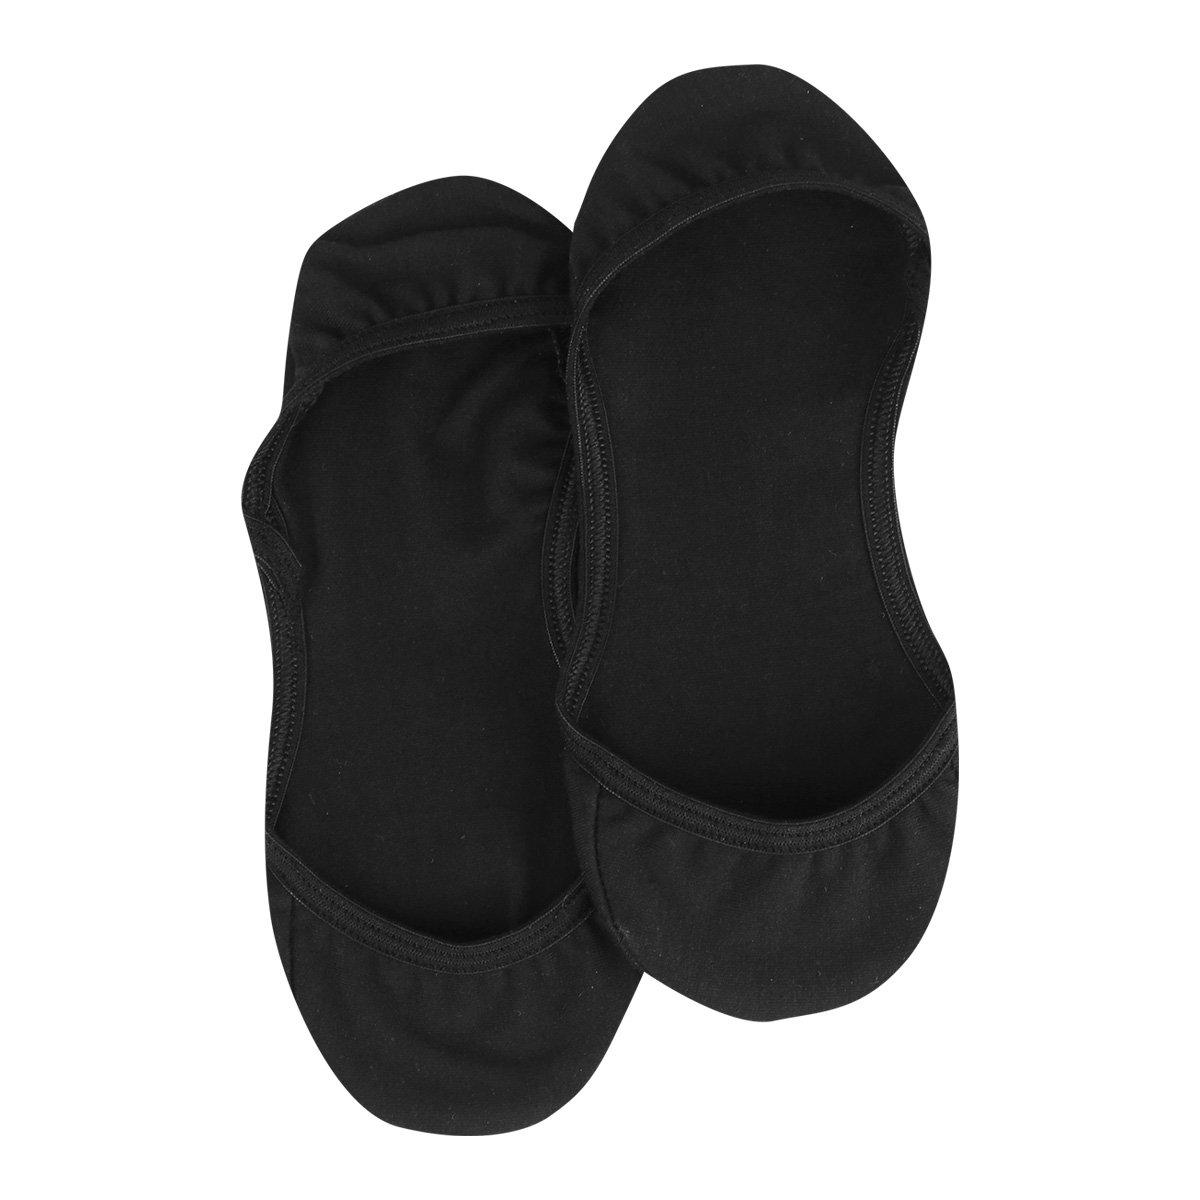 Meia Invisível Shoestock Básica